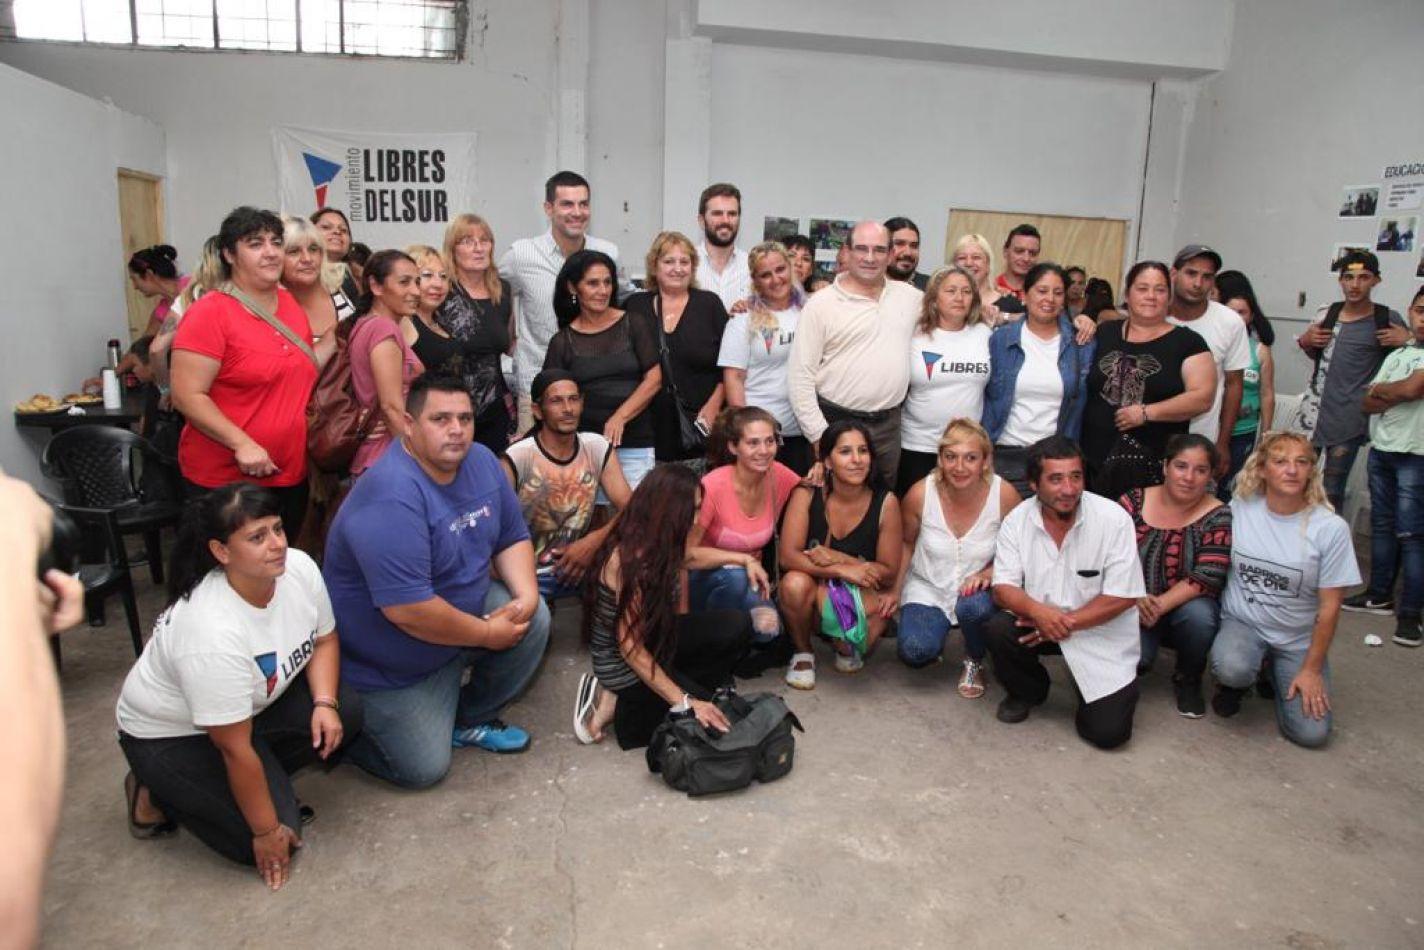 Libres del Sur acompaña la candidatura de Urtubey